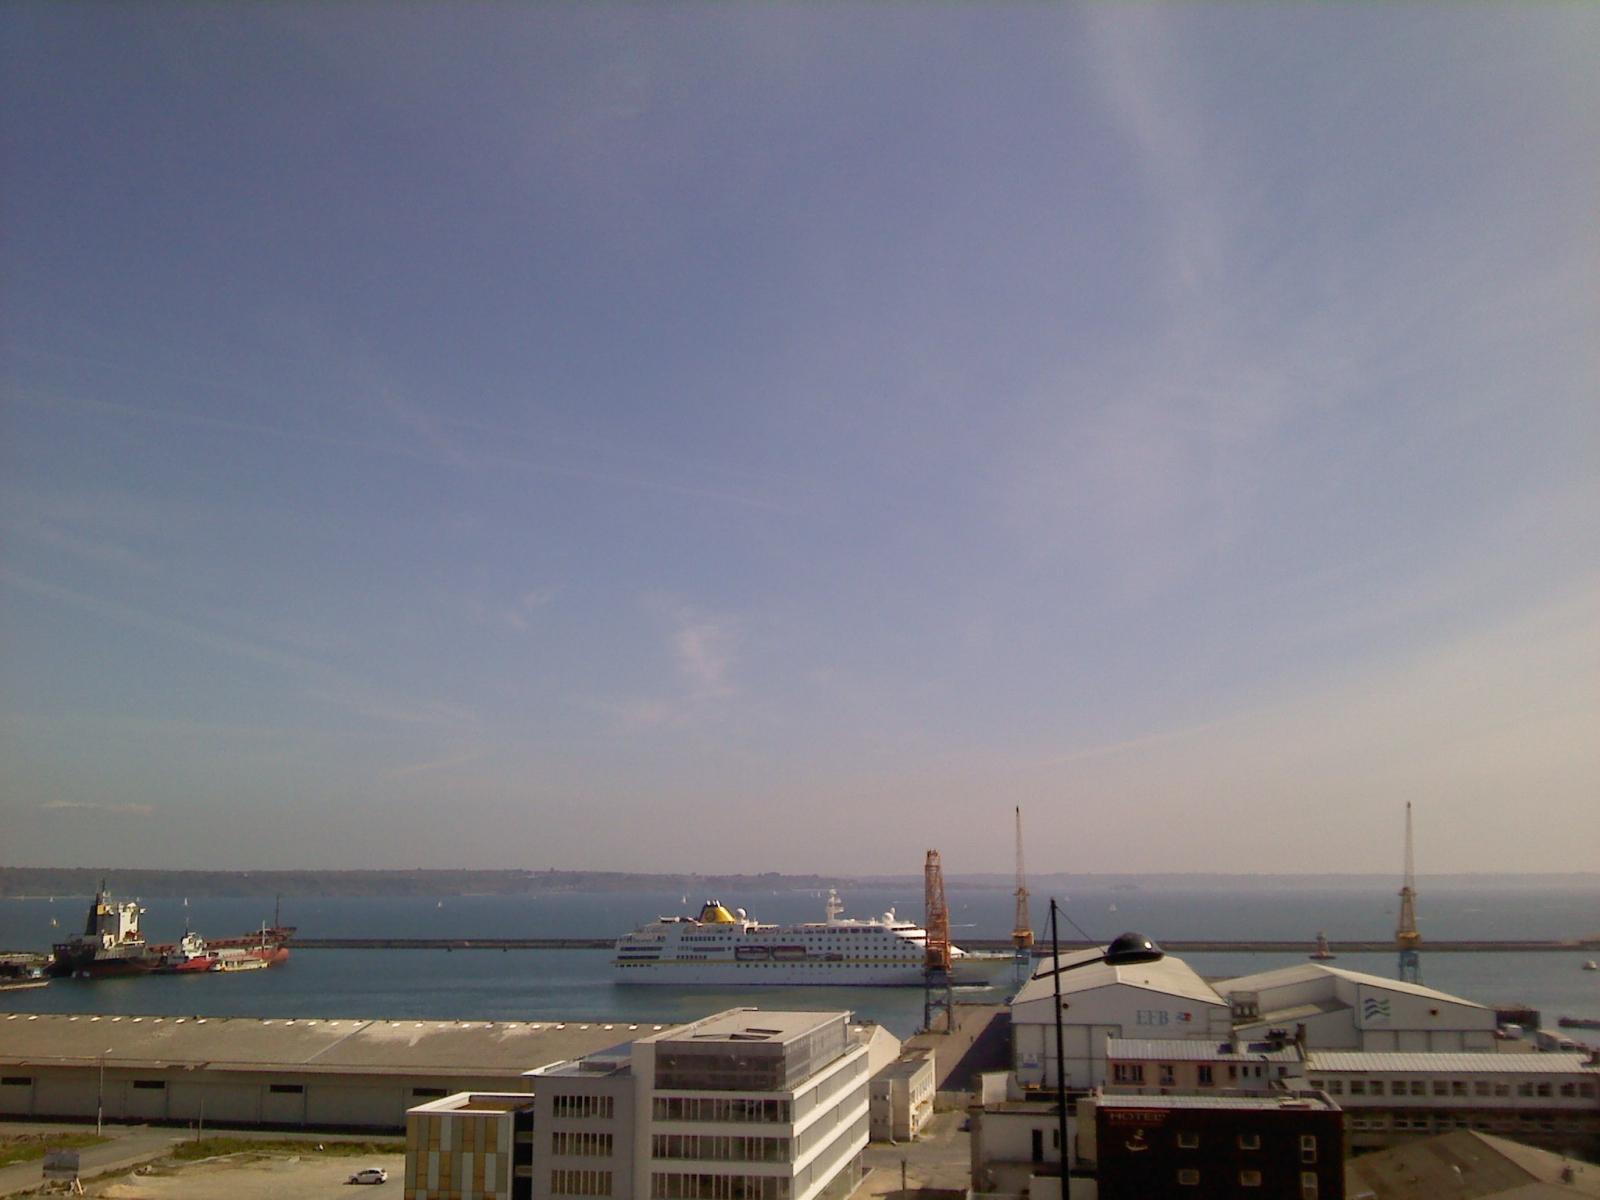 Brest Le bateau De croisiere HAMBURG était De passage Au port De commerce (7)